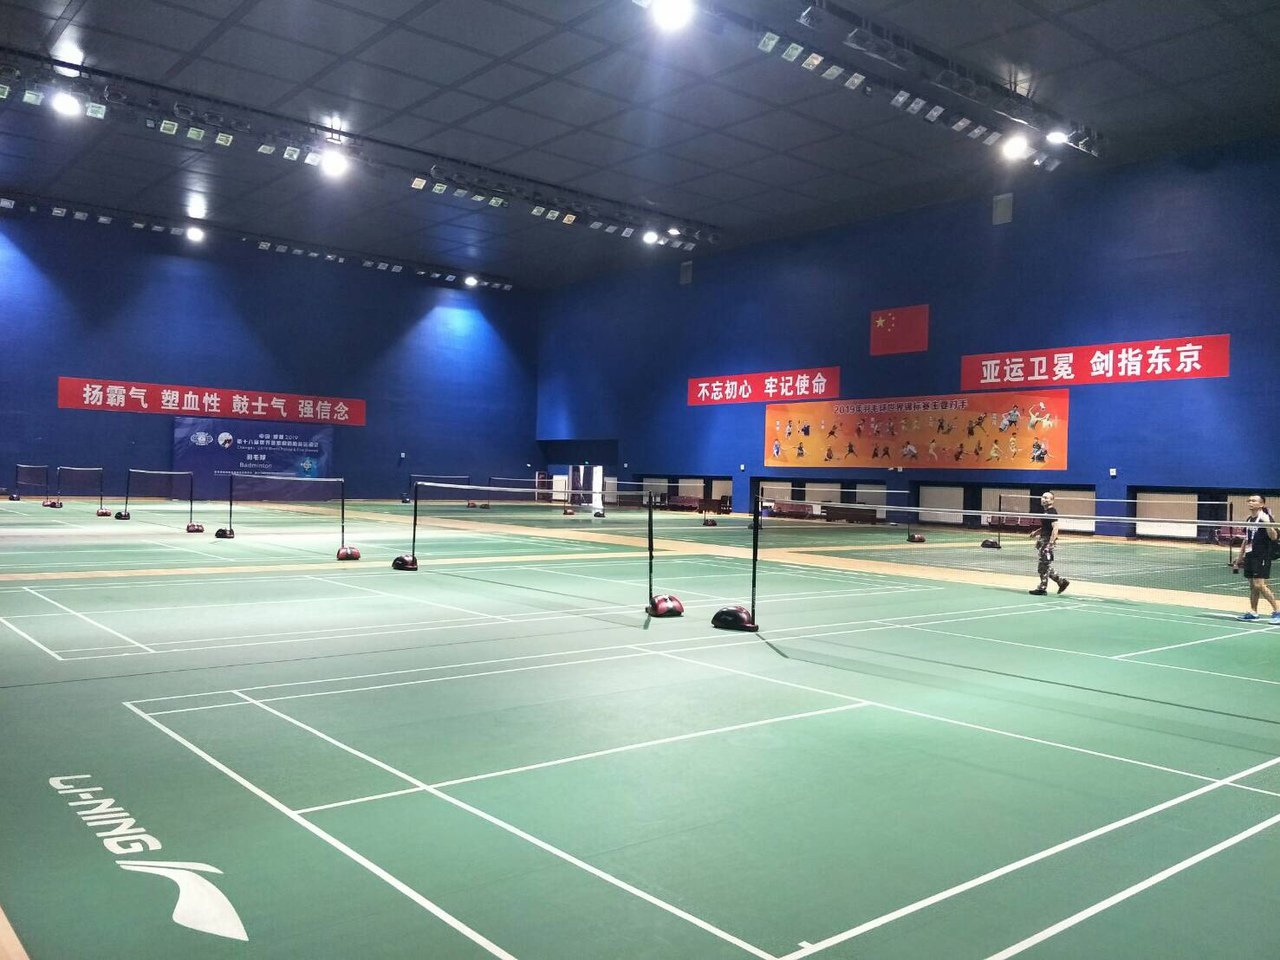 大陸北京體育館羽球場。圖/讀者提供